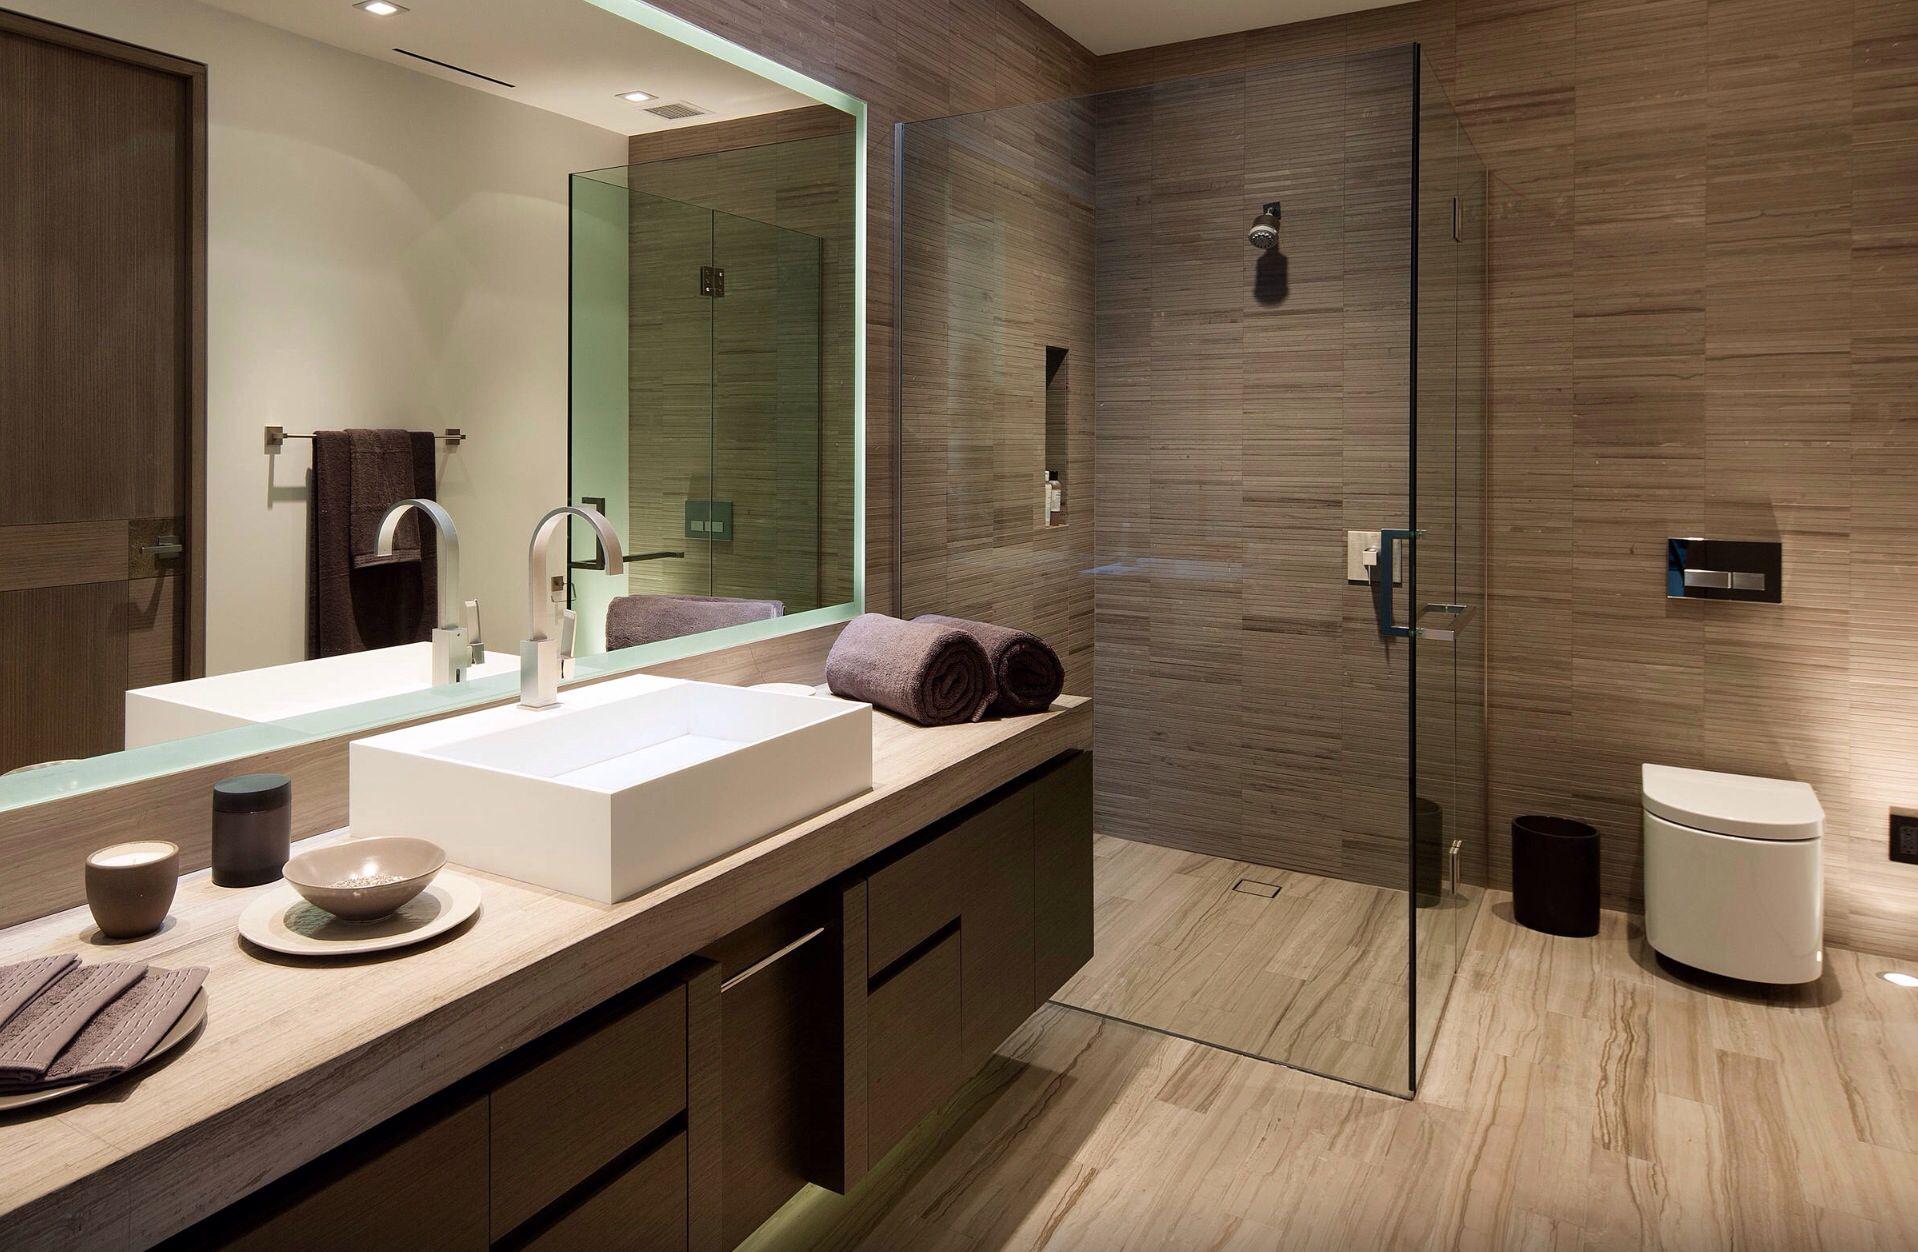 Bruine Badkamer » Badkamer idee new home badkamer badkamers en. In ...